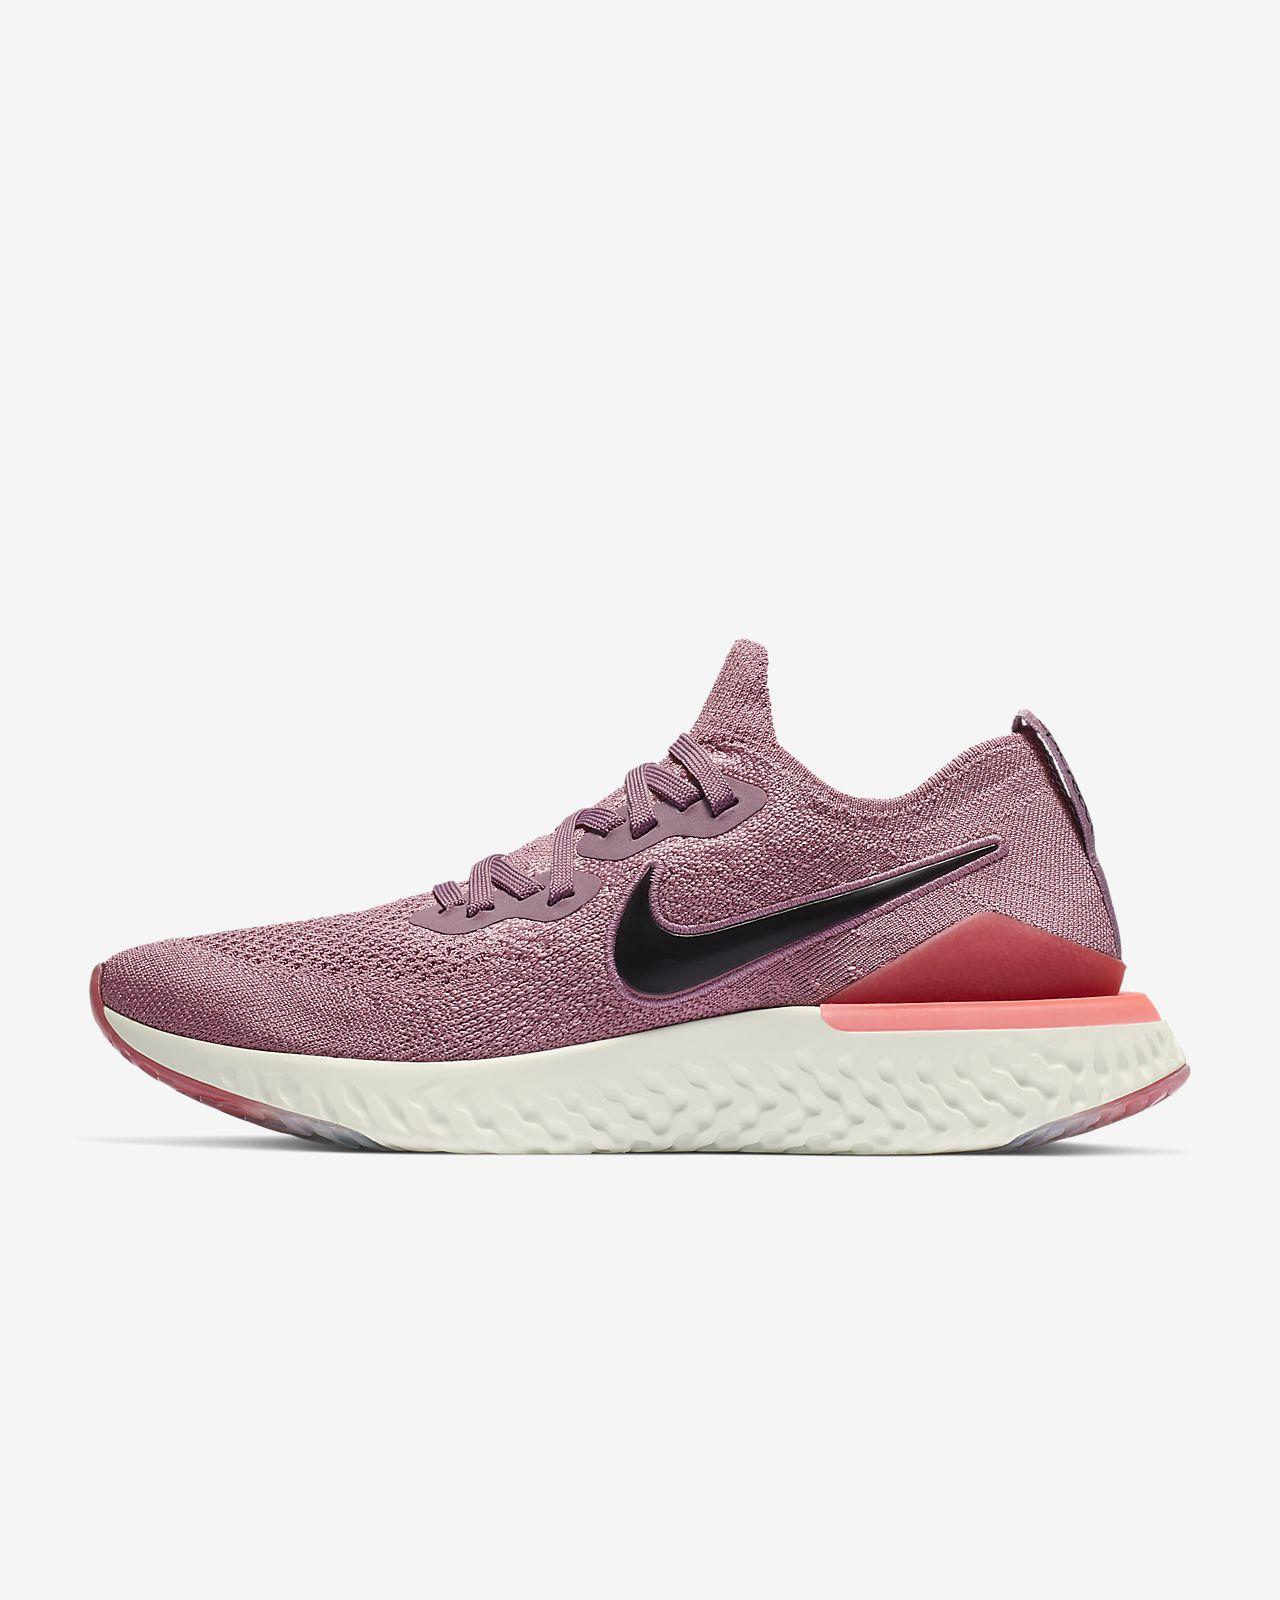 ba377e6ecaa3 Nike Epic React Flyknit 2 Women s Running Shoe. Nike.com